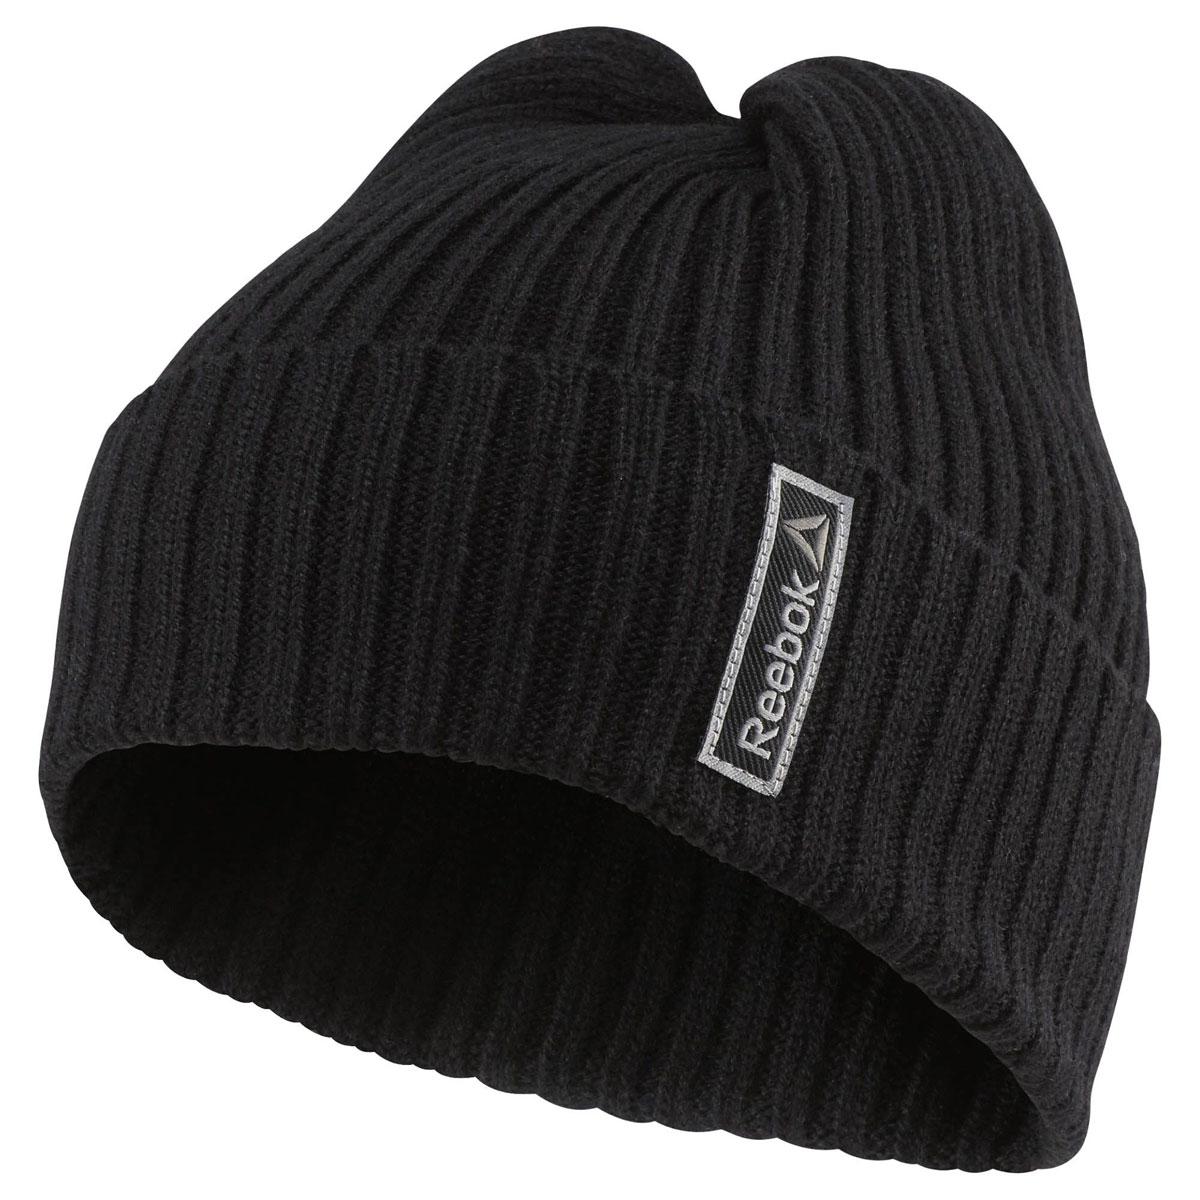 ШапкаAY0408Шапка Sport Essentials Logo - идеальный вариант для тренировок на свежем воздухе в холодную погоду. Стильные декоративные элементы и логотип Reebok позволят сделать образ интересным, плотная ткань гарантирует тепло, а низ в рубчик оптимальную посадку.